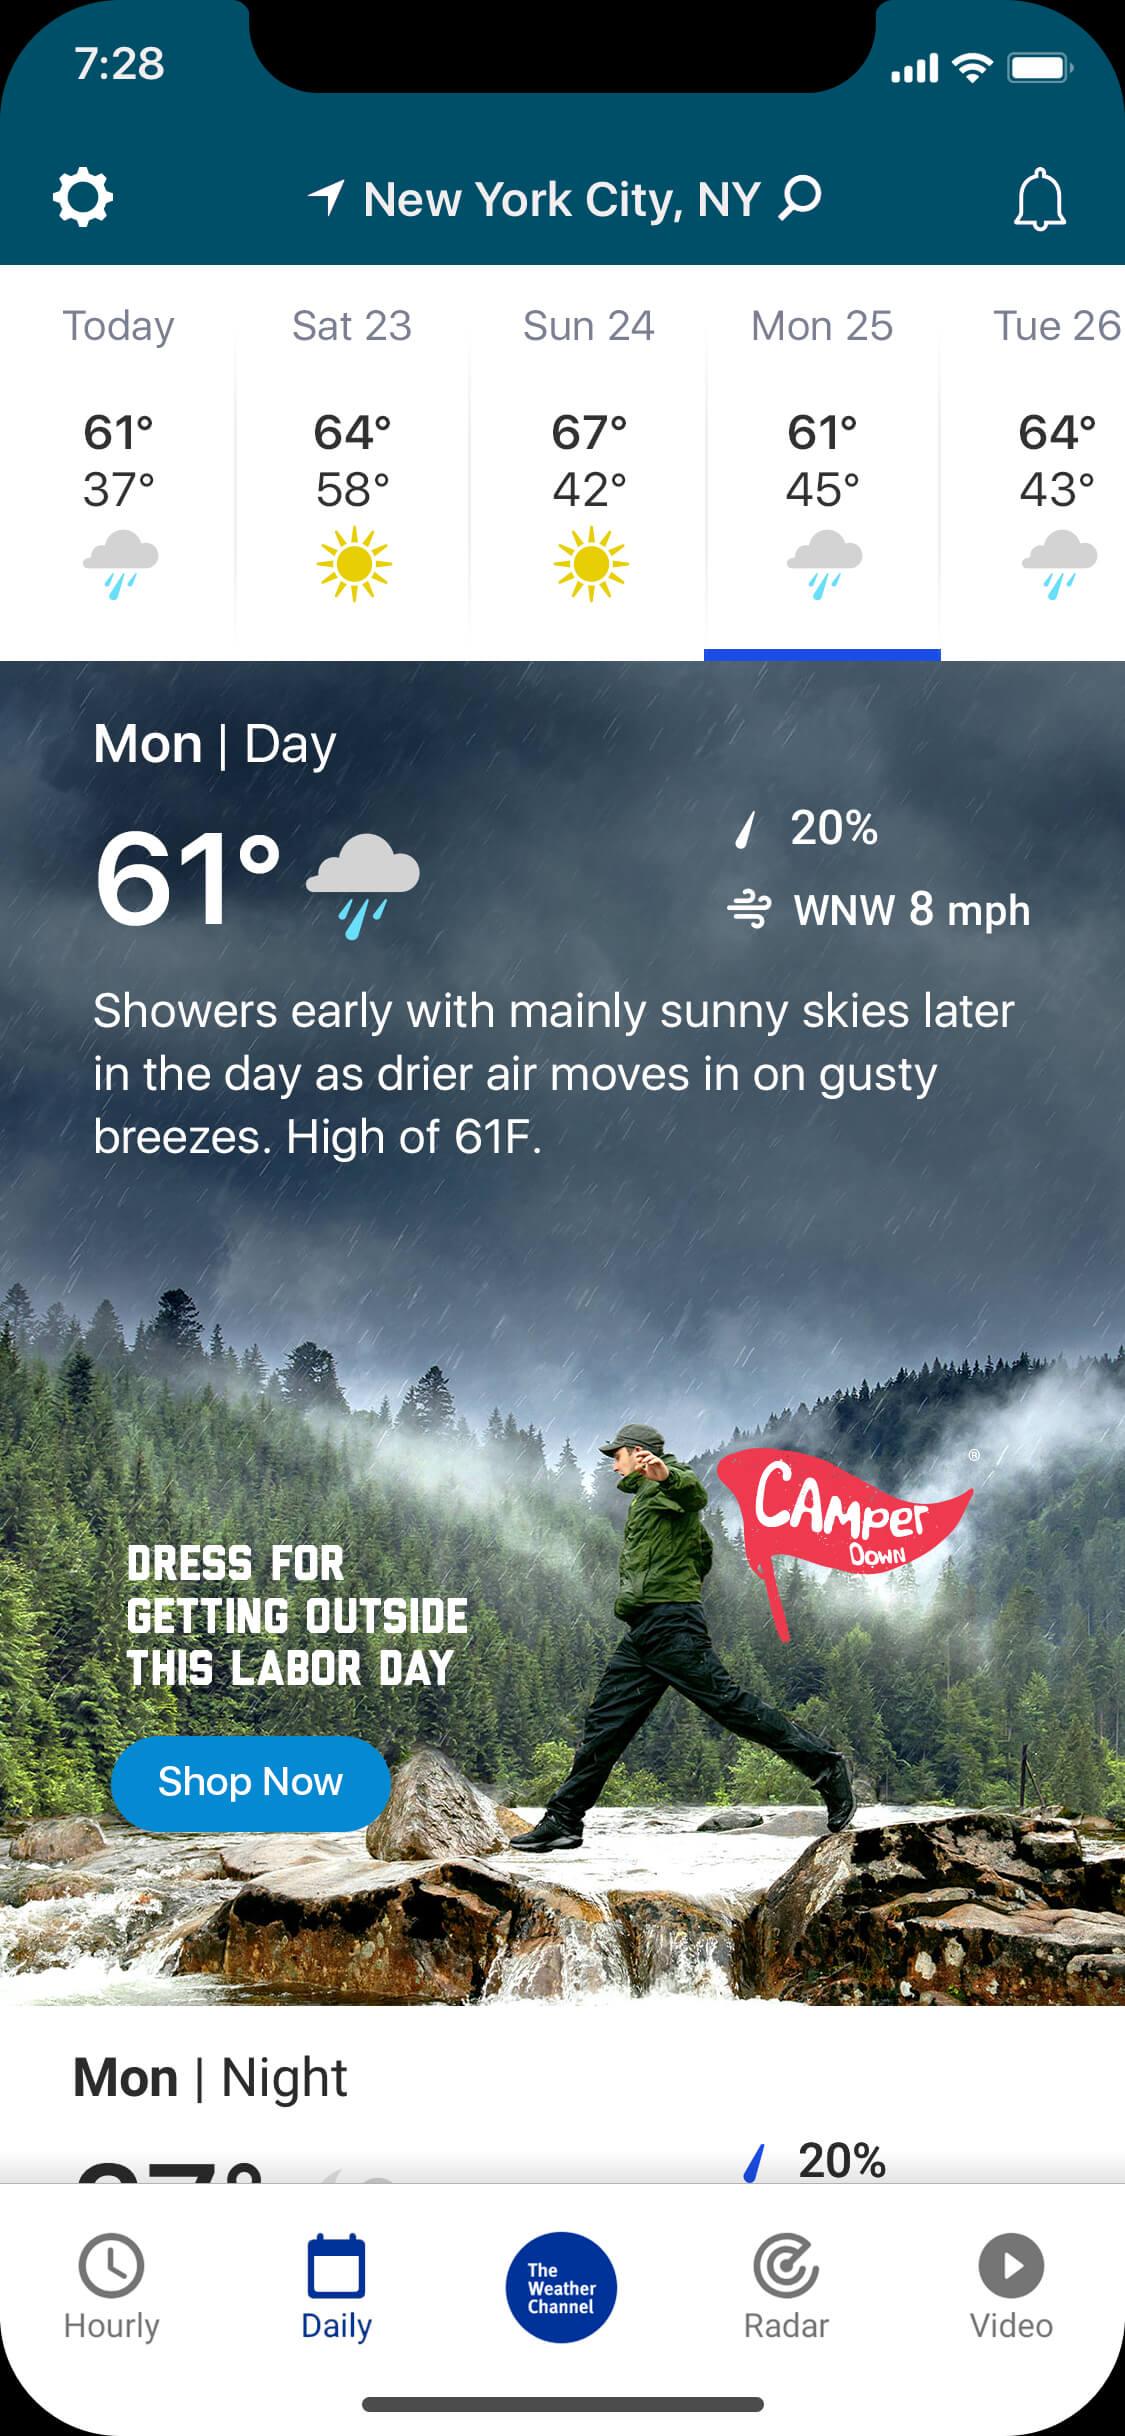 CamperDown-rain-d-MA-IDD-Mock